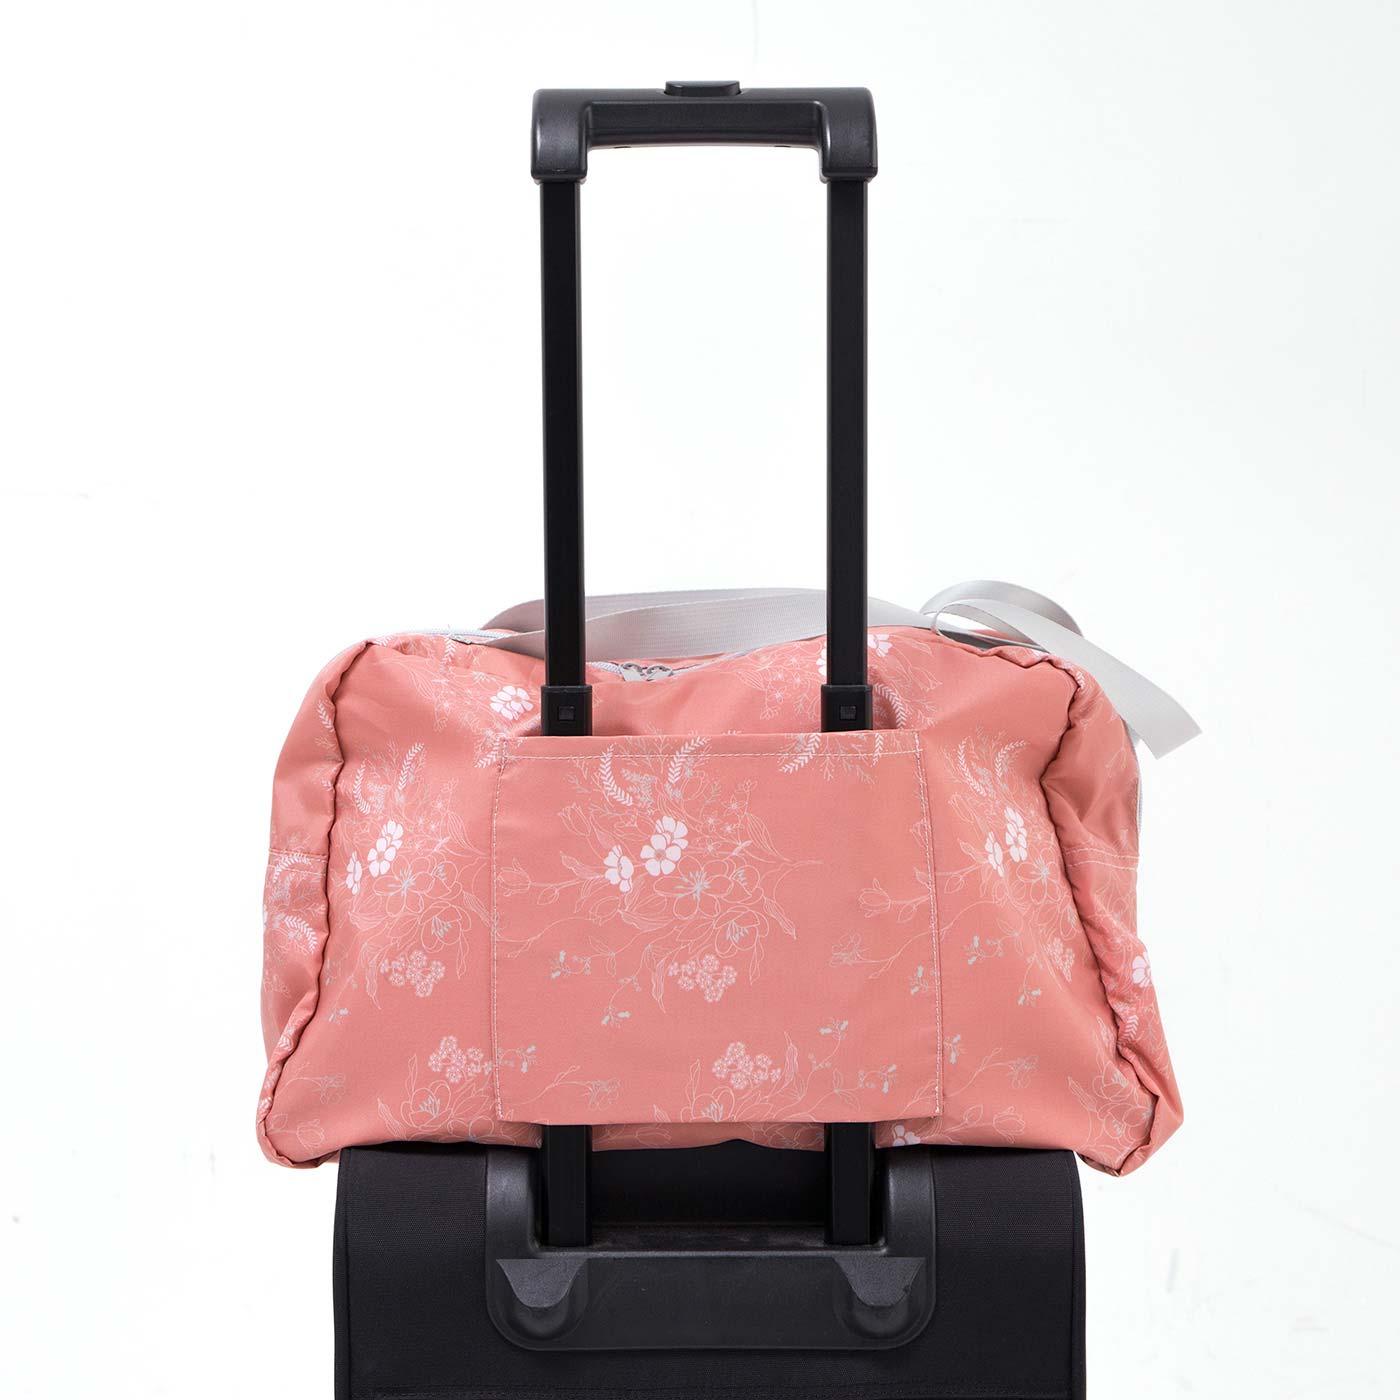 背面の筒状ポケットでキャリーバッグにセット可能。縫いどまり幅約20cm